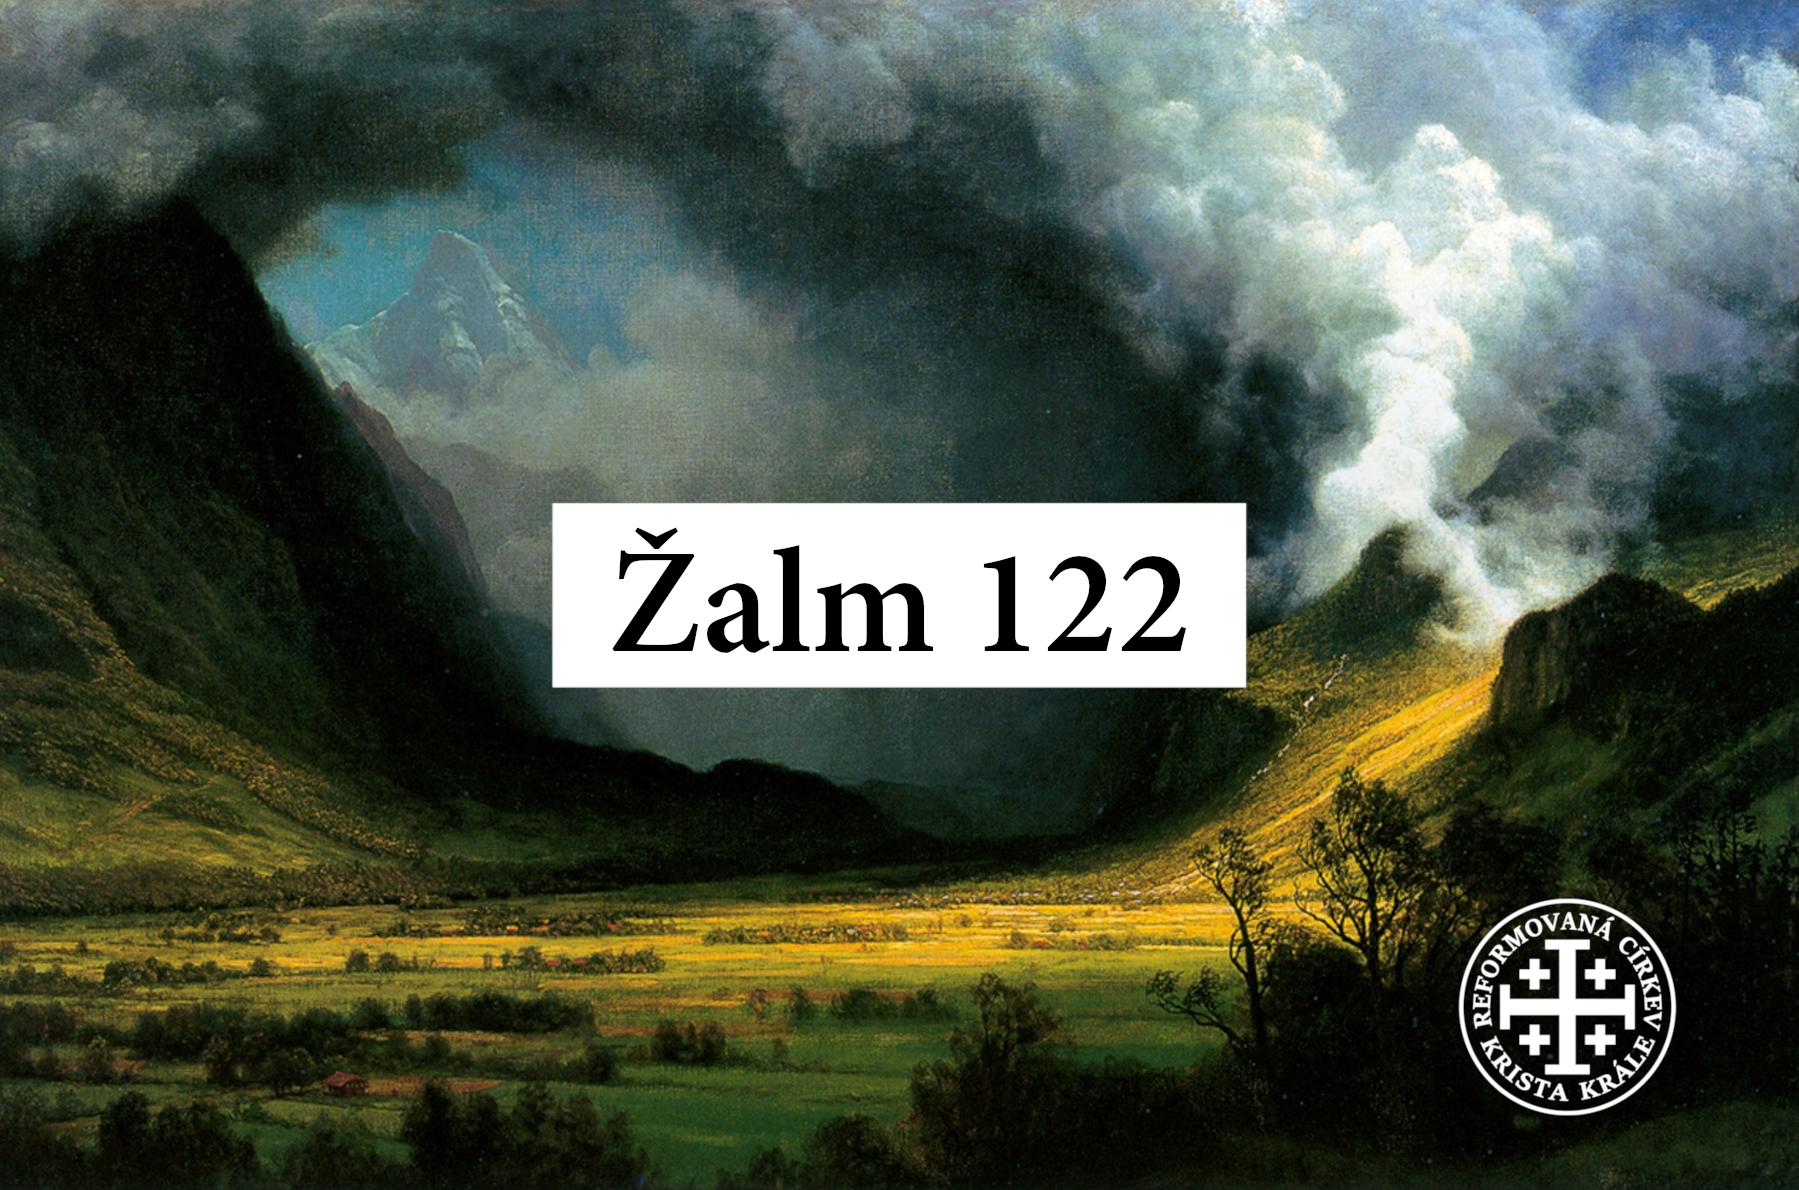 Žalm 122